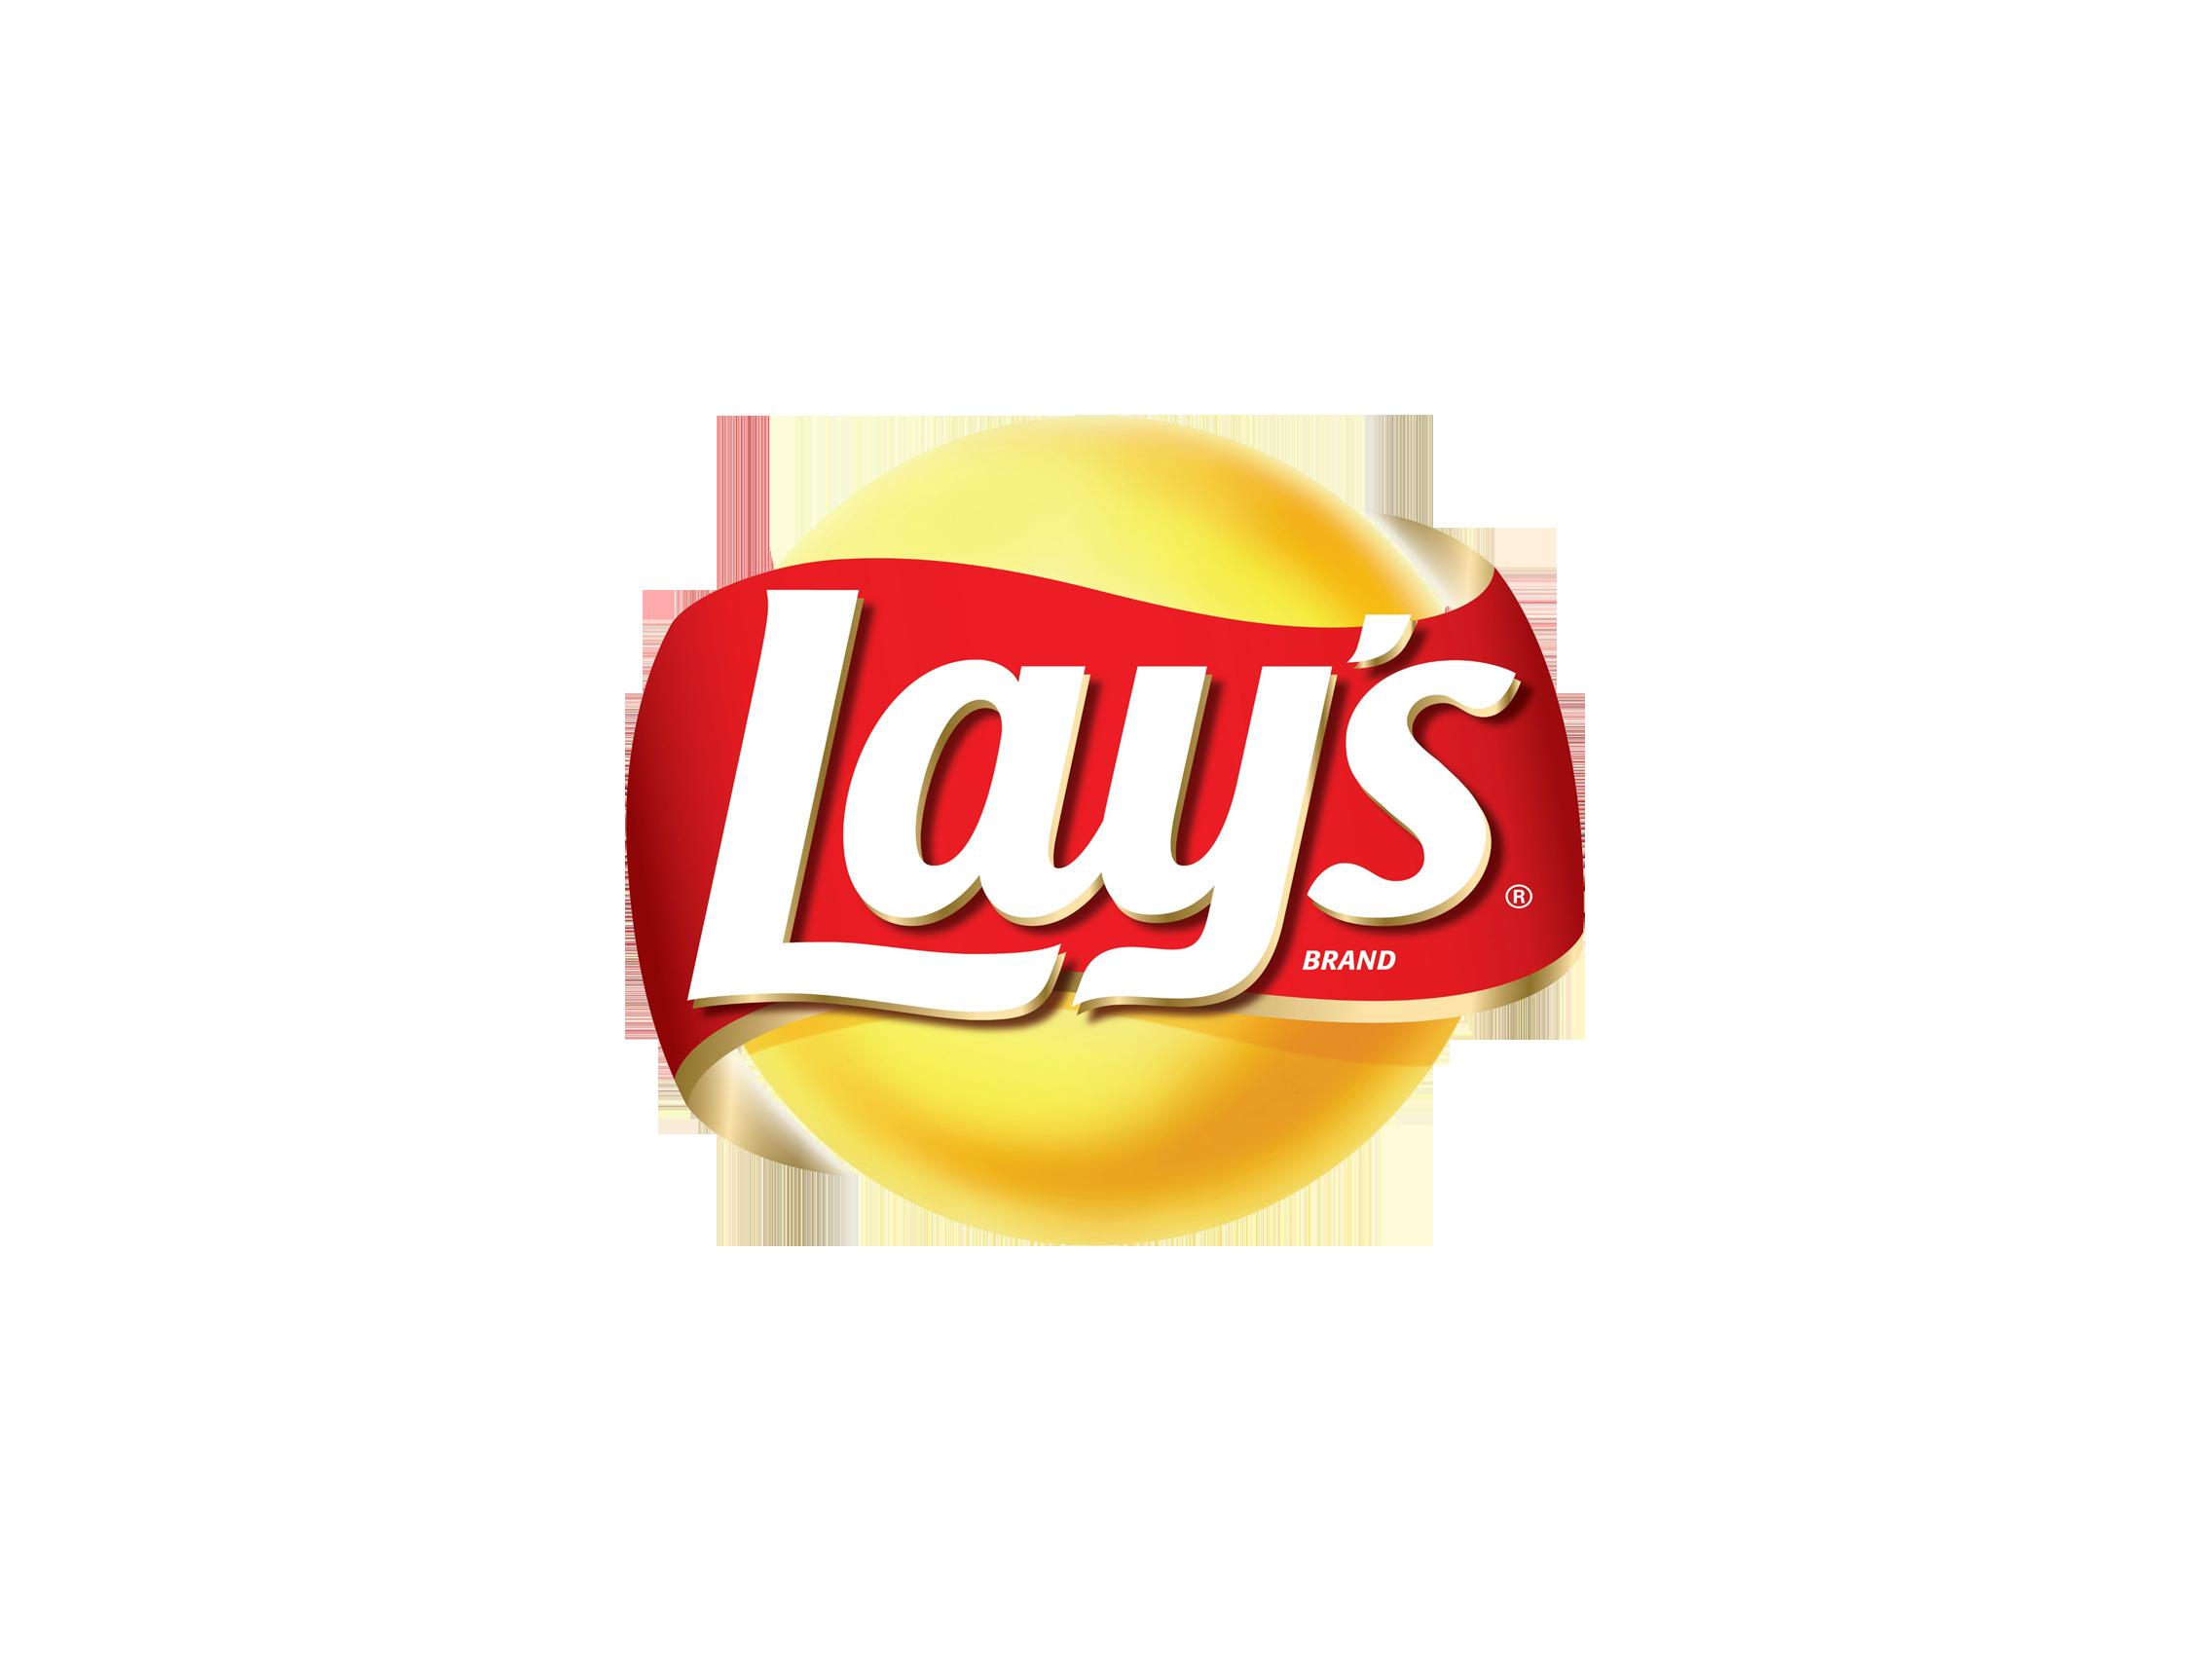 Lays Logos.